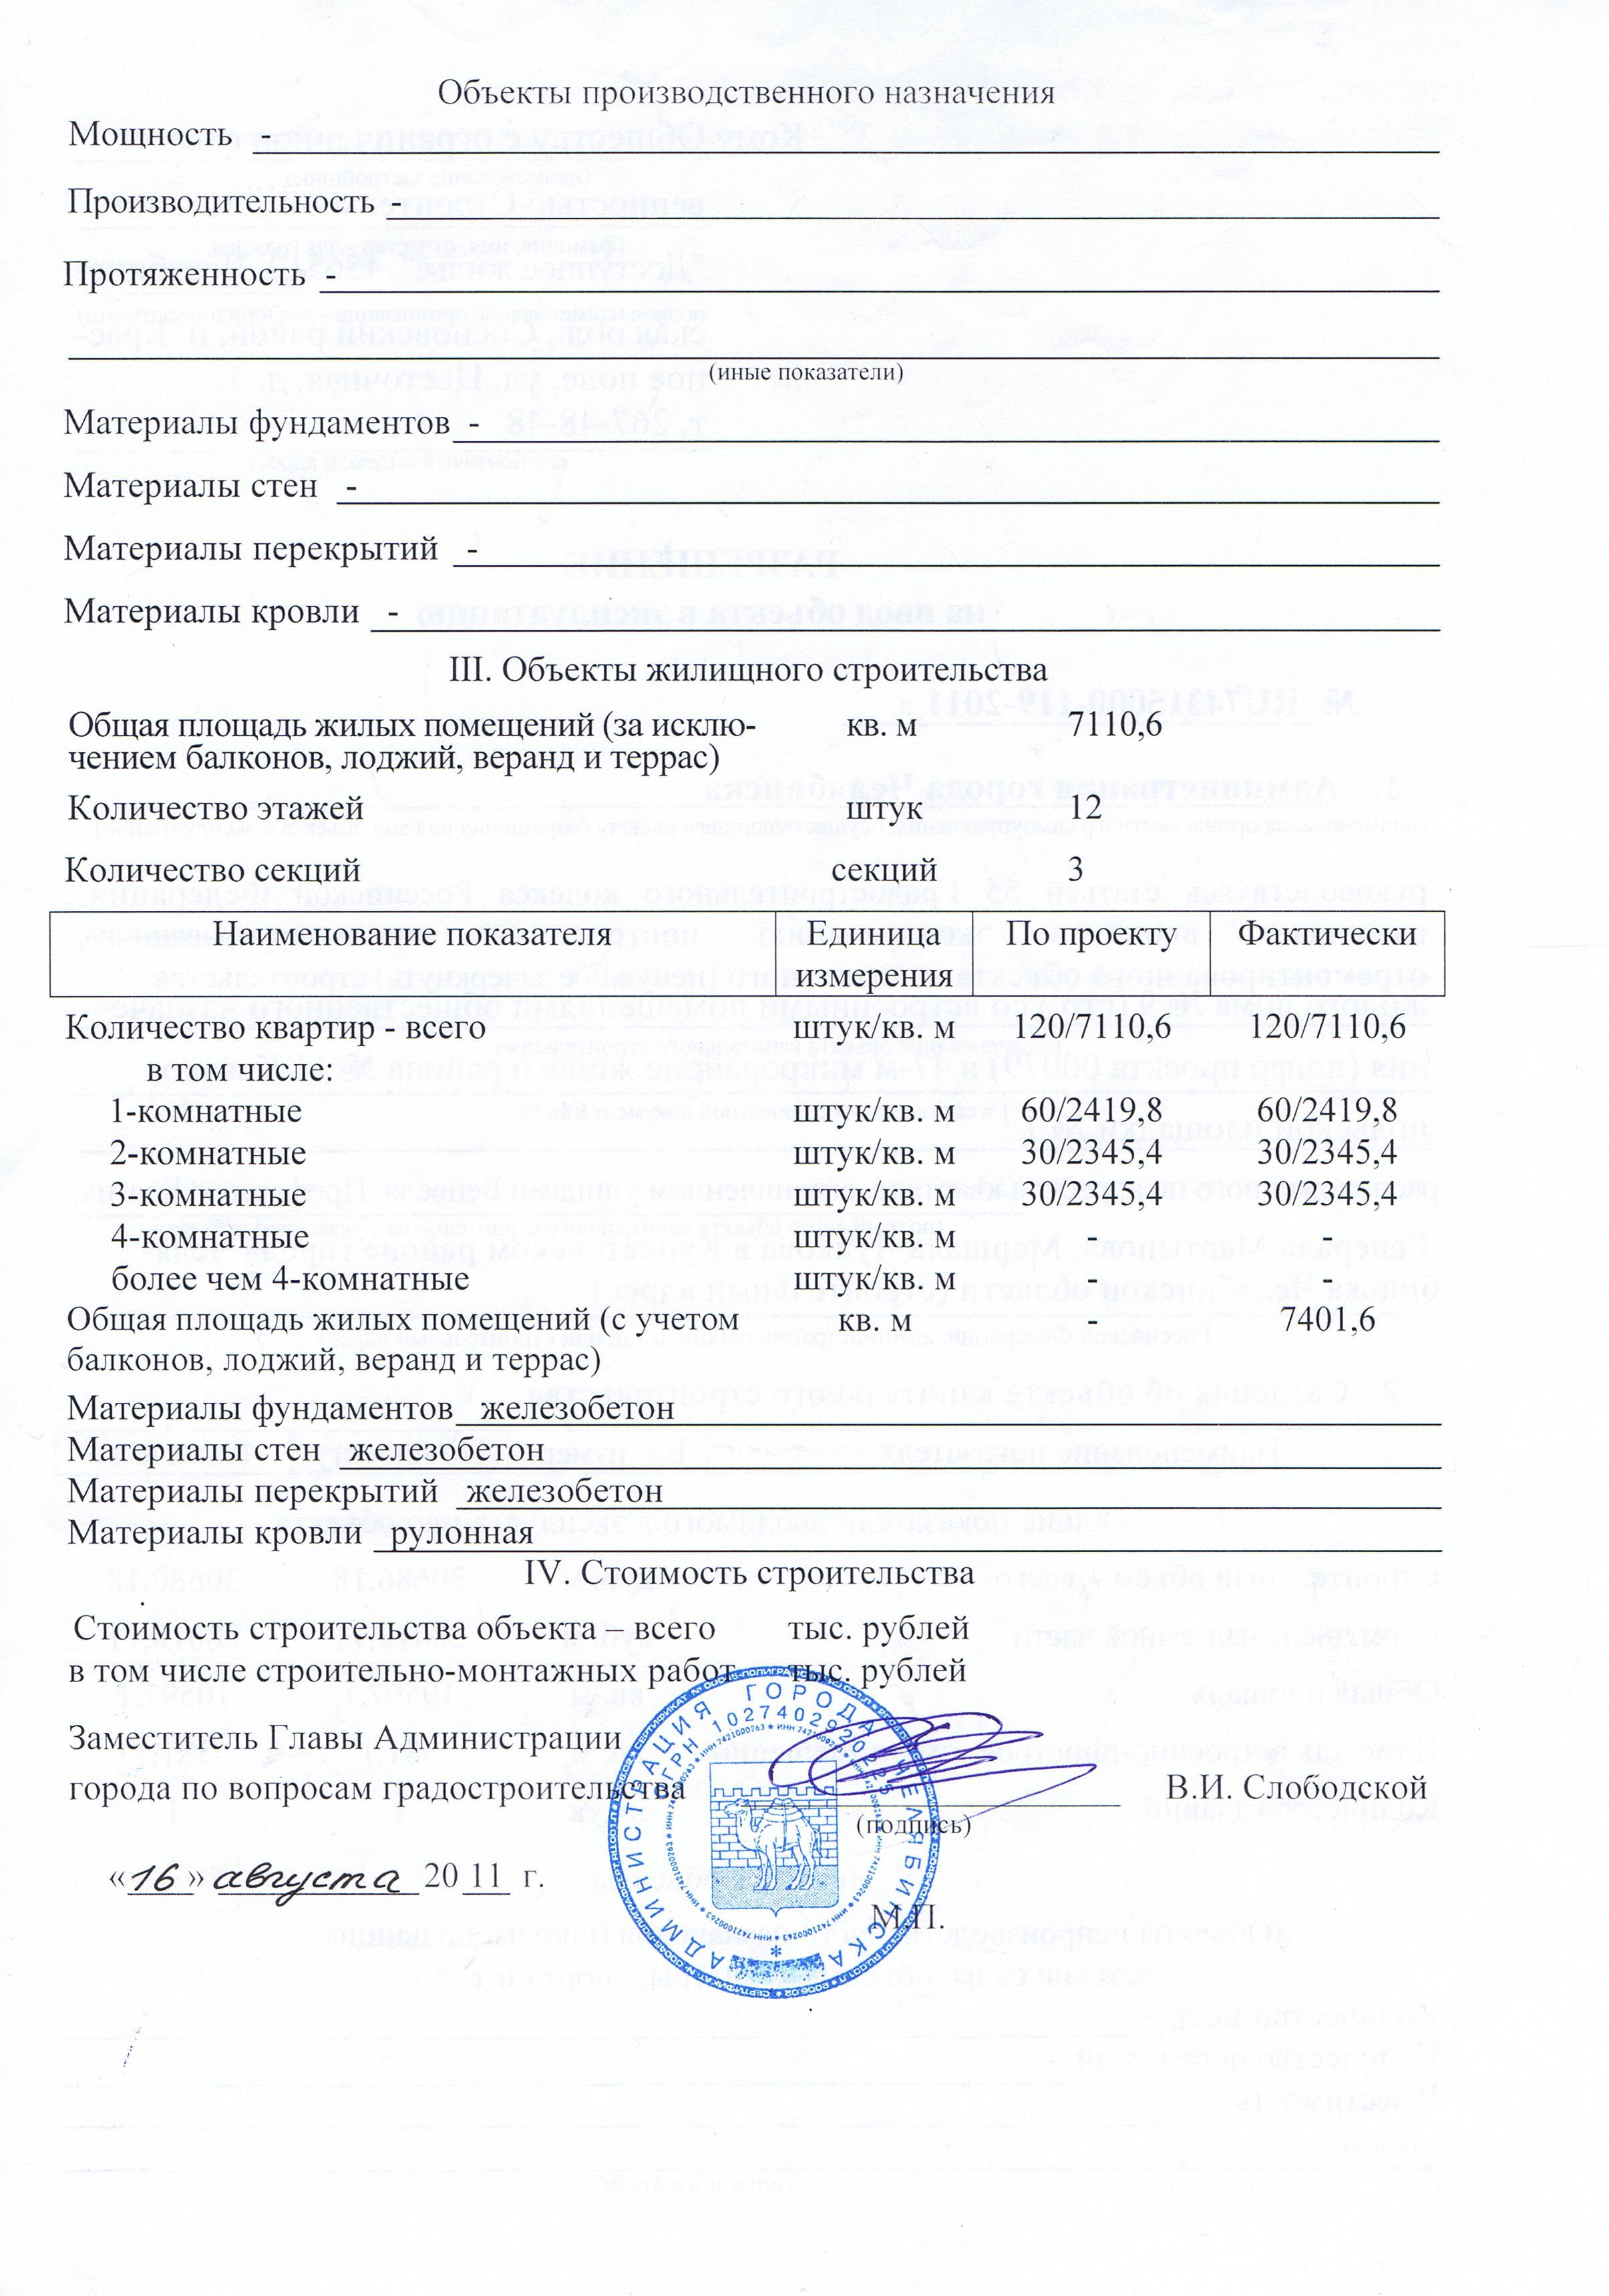 Разрешение на ввод 9 стр.2.jpg